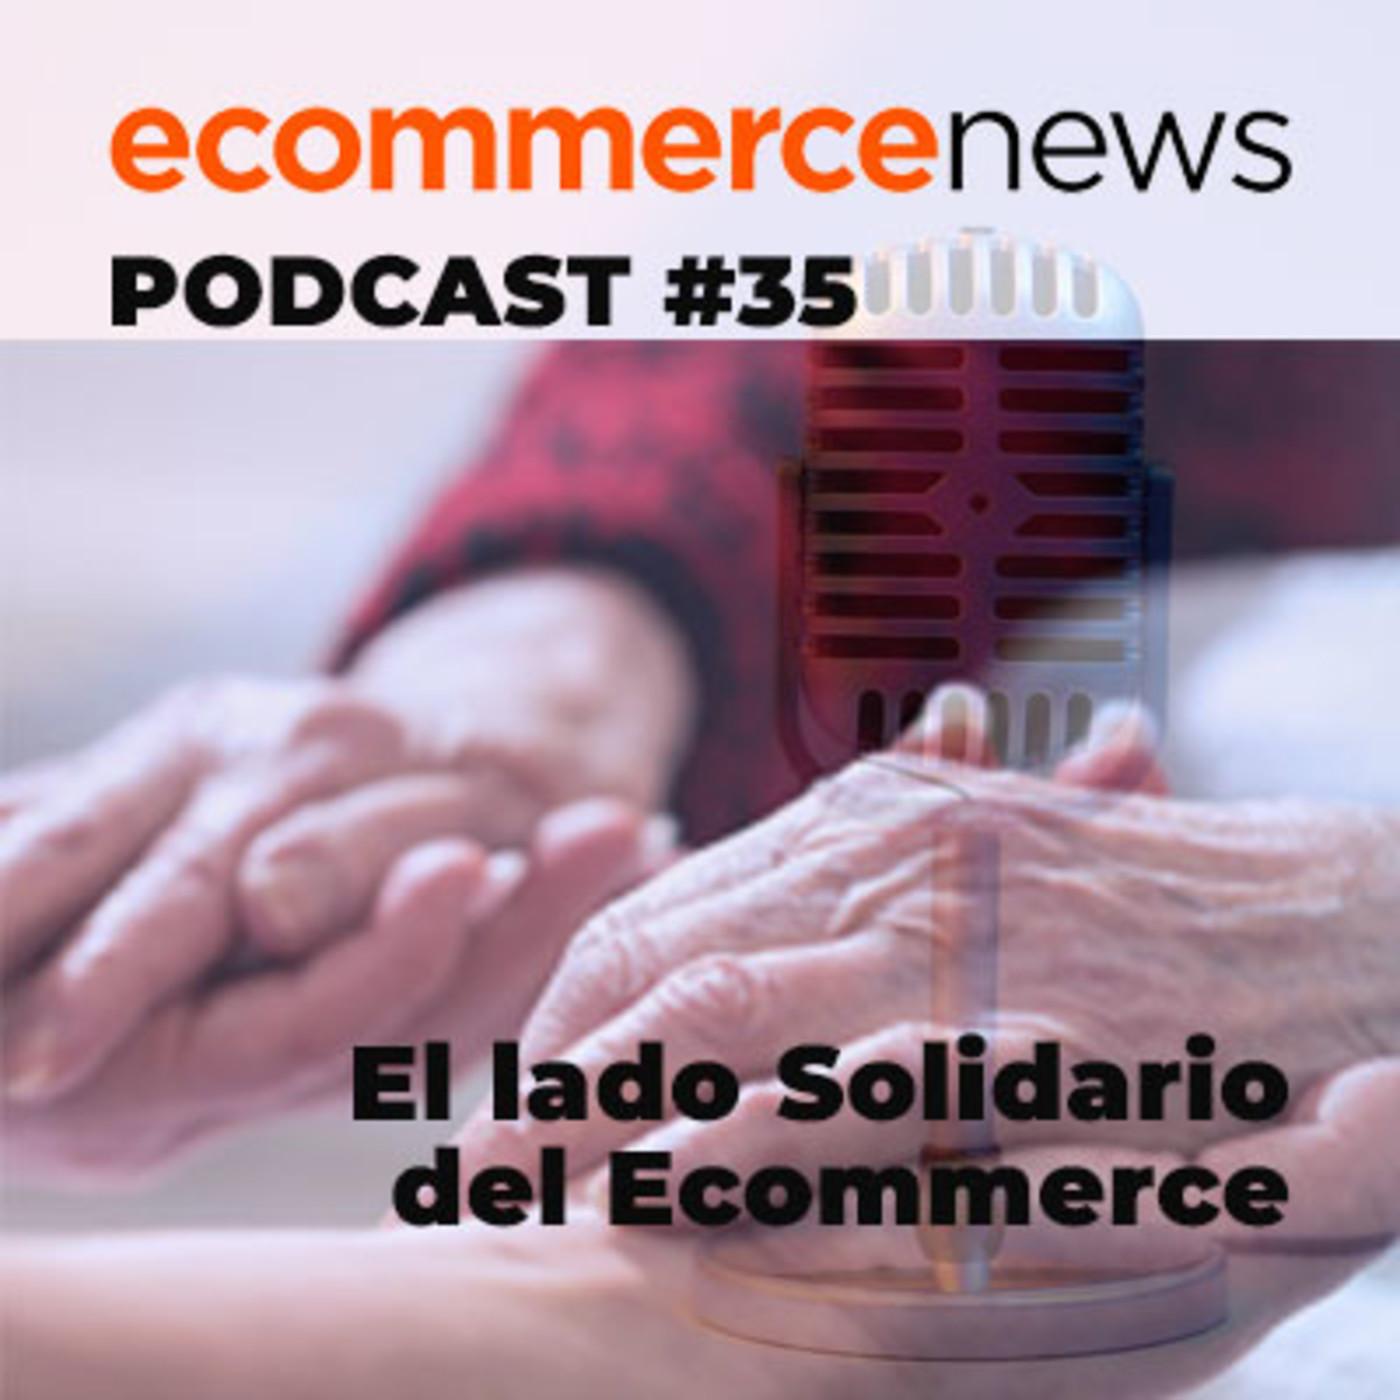 Ecommerce News Radio #35. El lado solidario del COVID-19